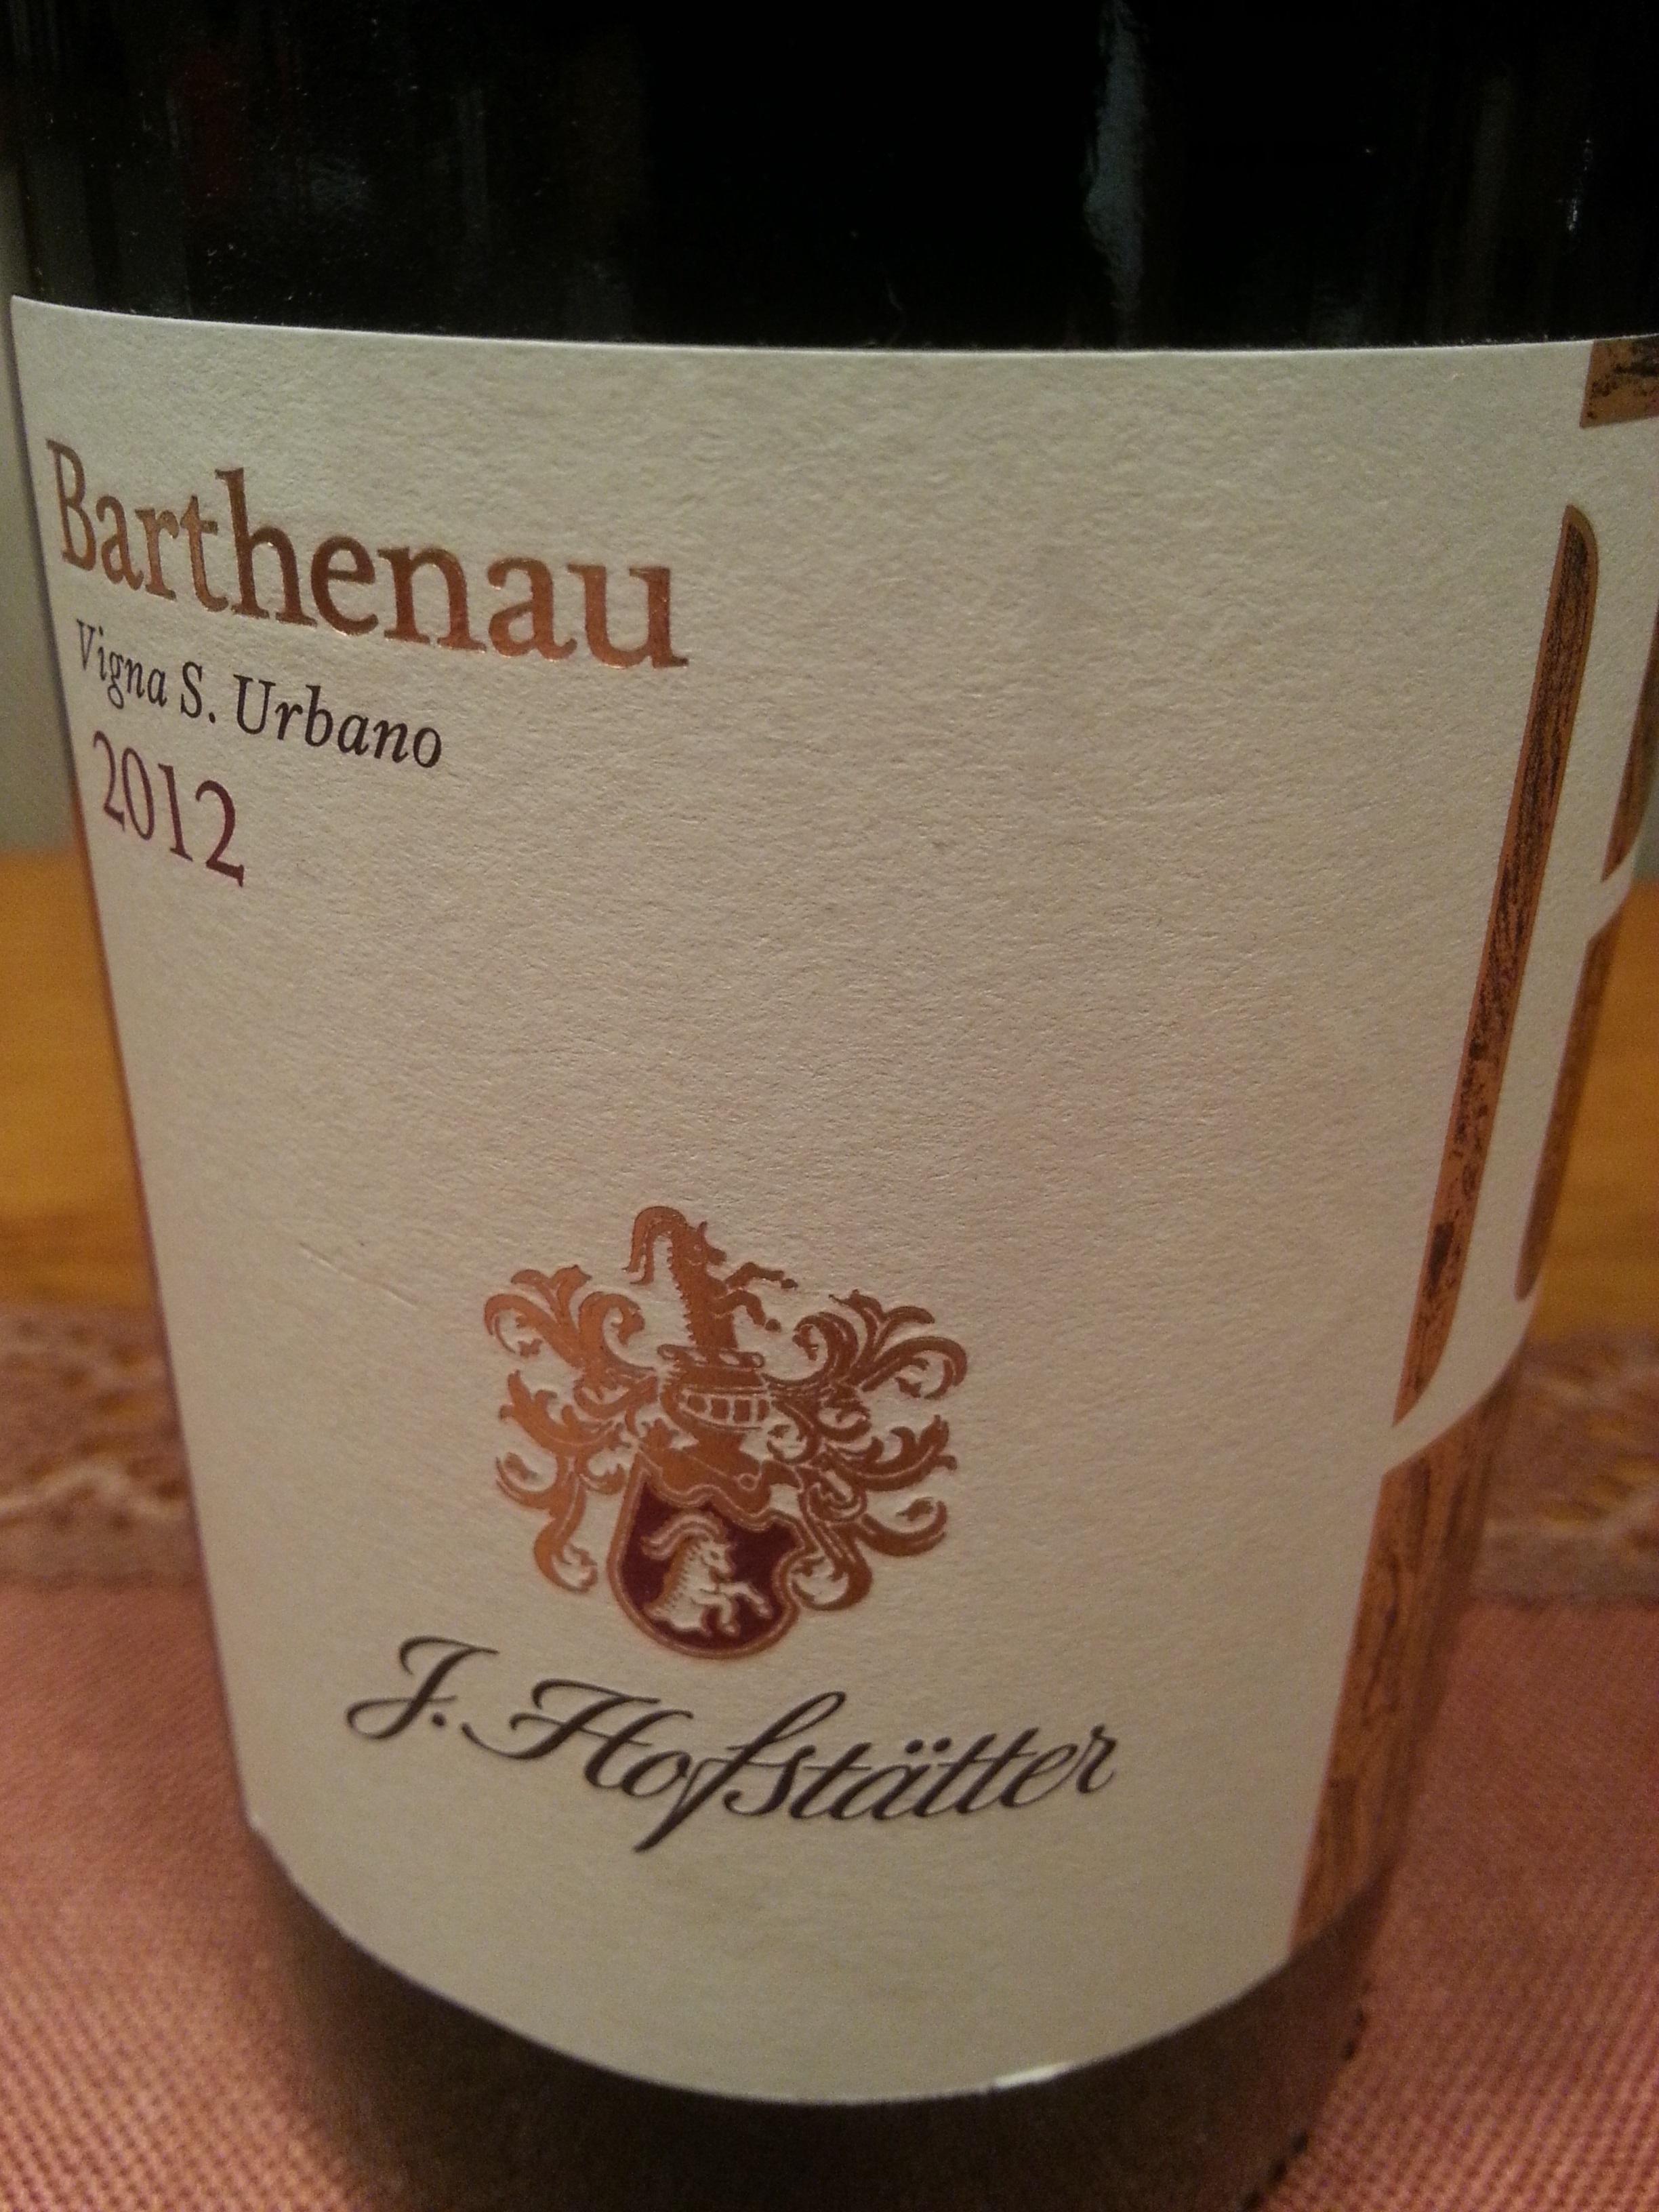 2012 Pinot Nero Barthenau Vigna S. Urbano | Hofstätter